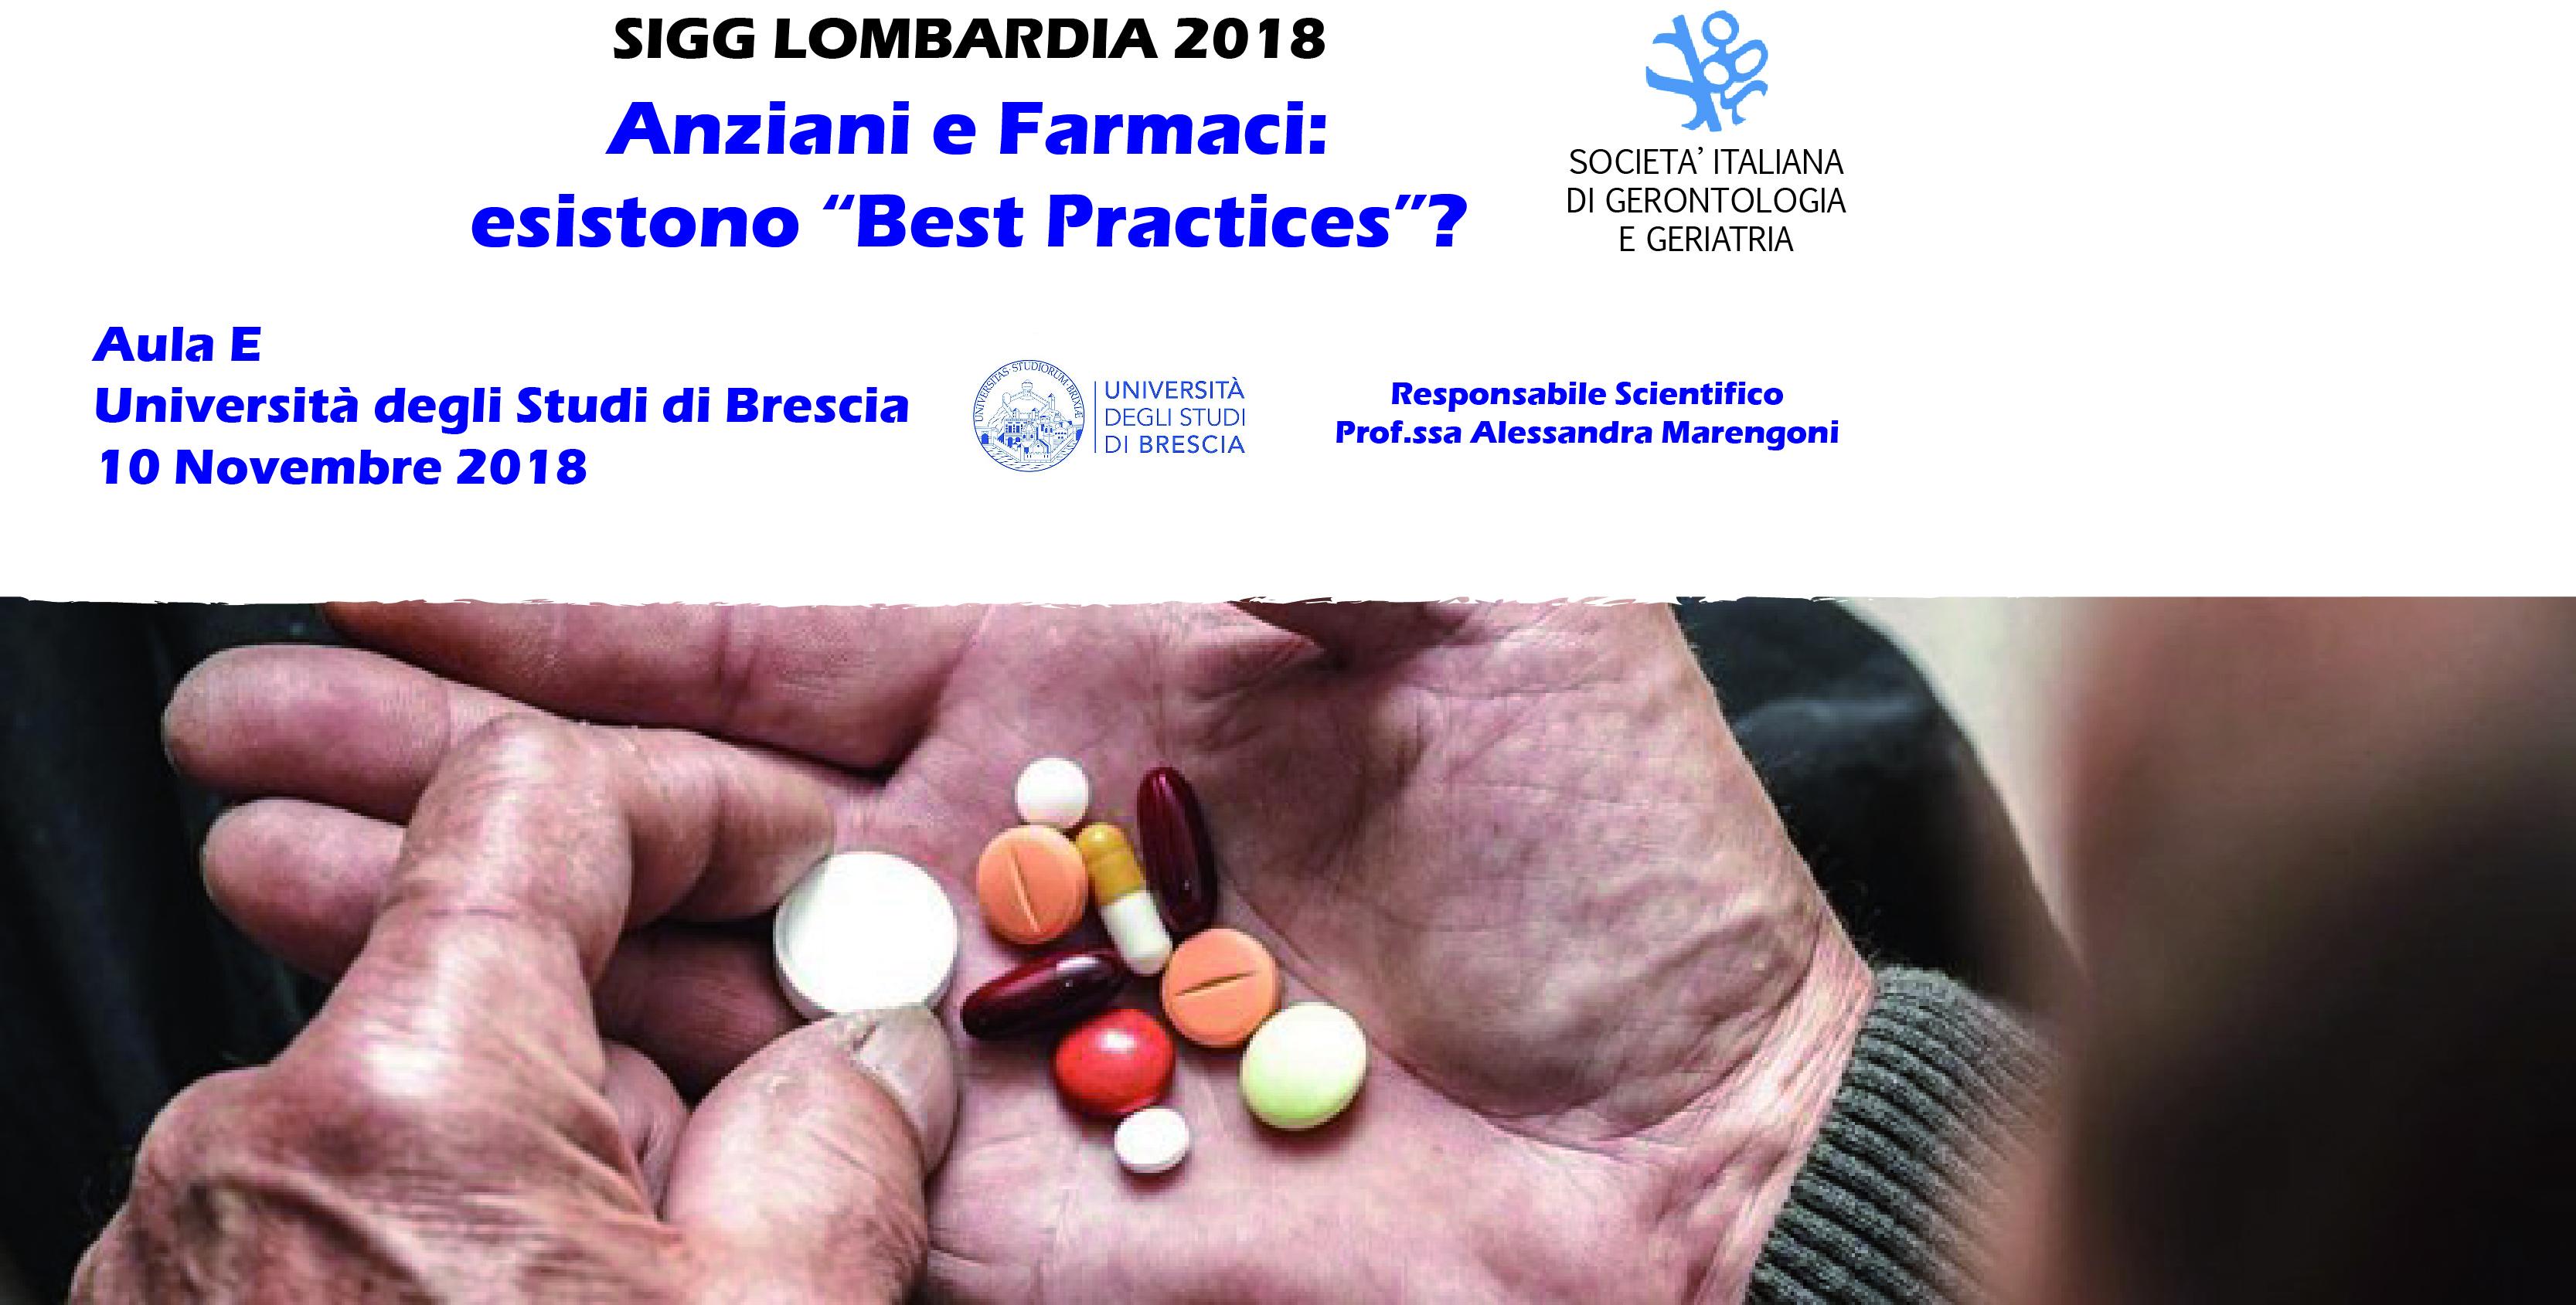 """SIGG LOMBARDIA 2018 - ANZIANI E FARMACI: ESISTONO """"BEST PRACTICES""""?"""